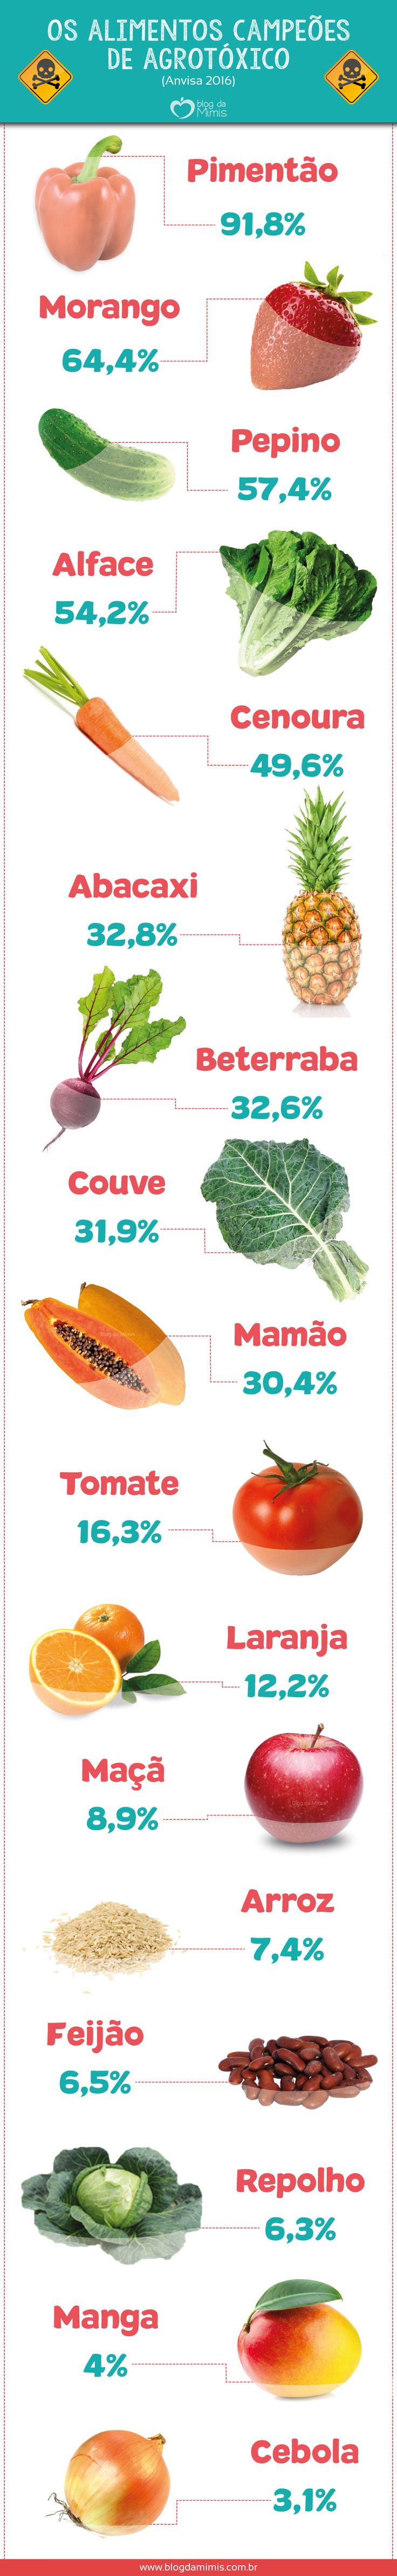 Os alimentos campeões de agrotóxico - Blog da Mimis #agrotóxico #orgânicos #alimentos #hortifruti #hortaliças #frutas #legumes